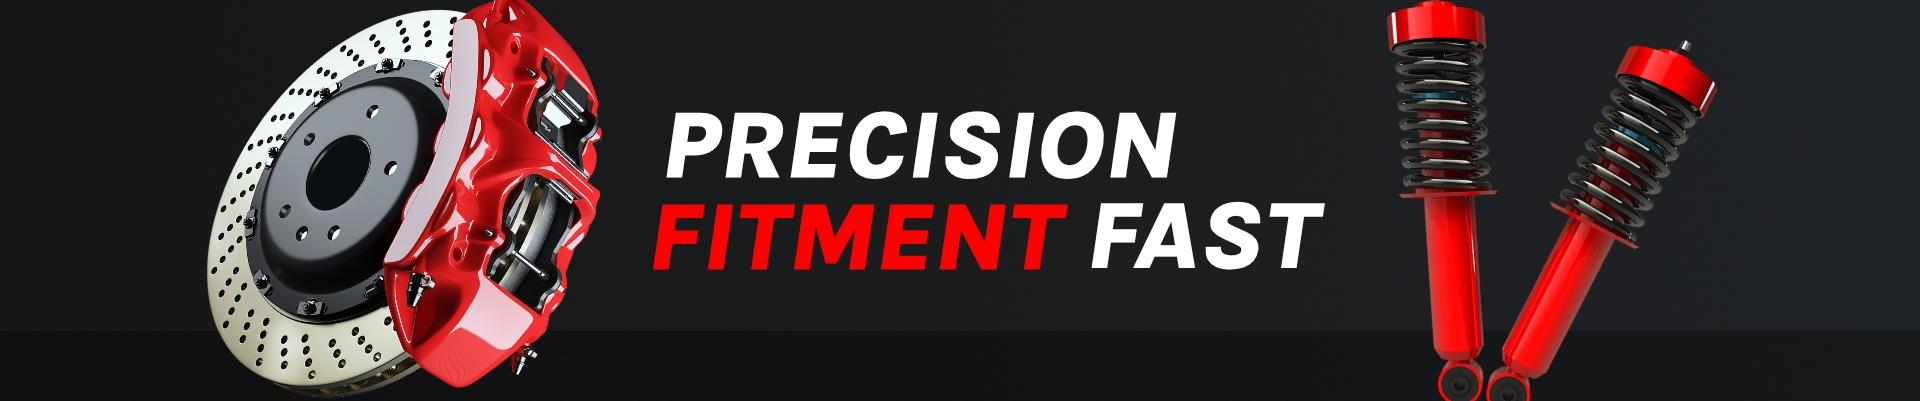 Precsion_Fitment_fast-compressed